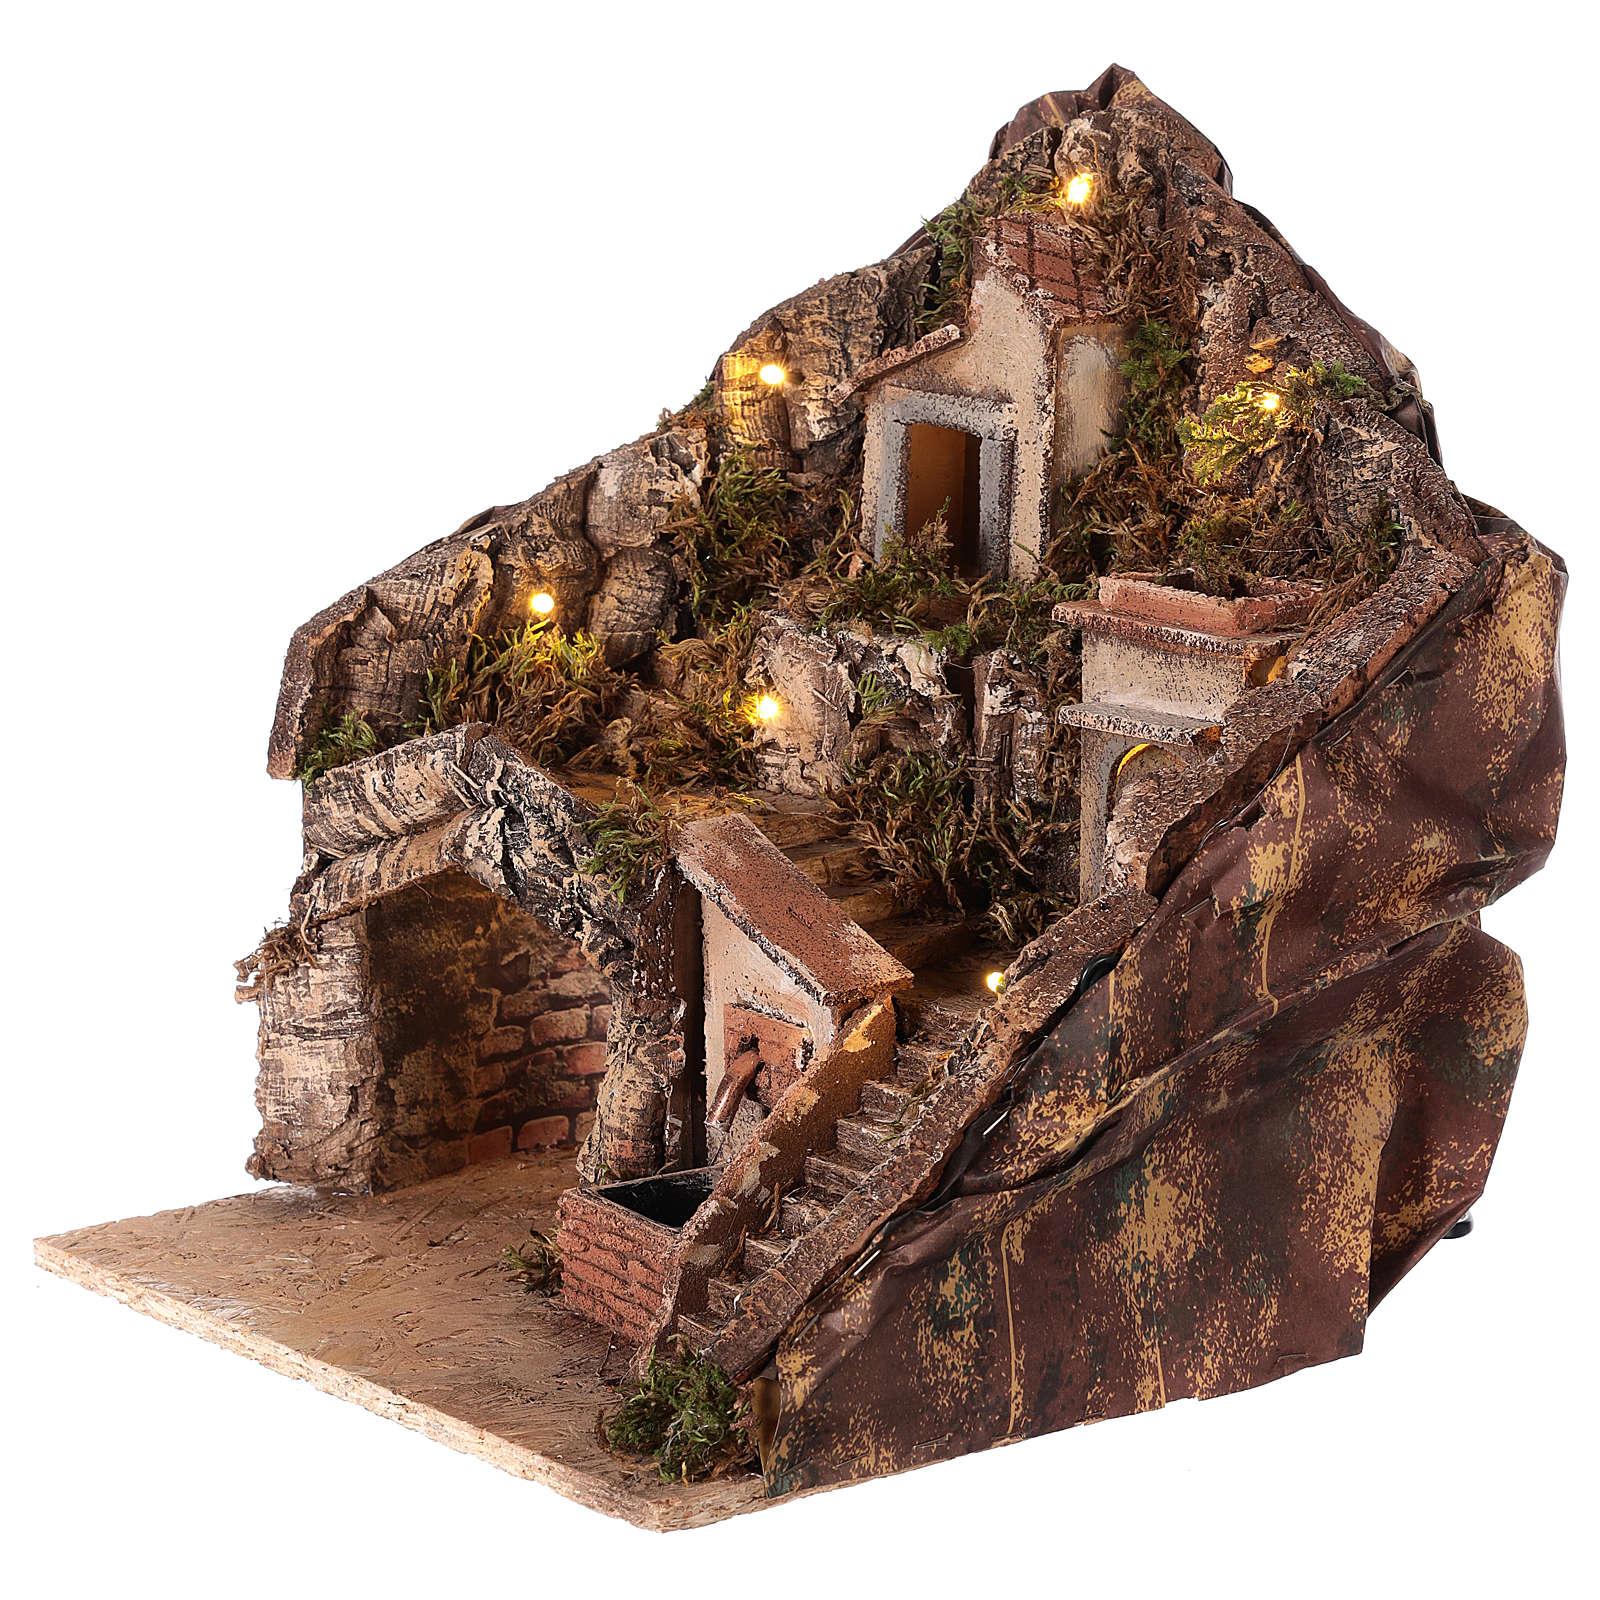 Borgo per presepe con fontana e luci 35x30x30 cm presepe napoletano 4